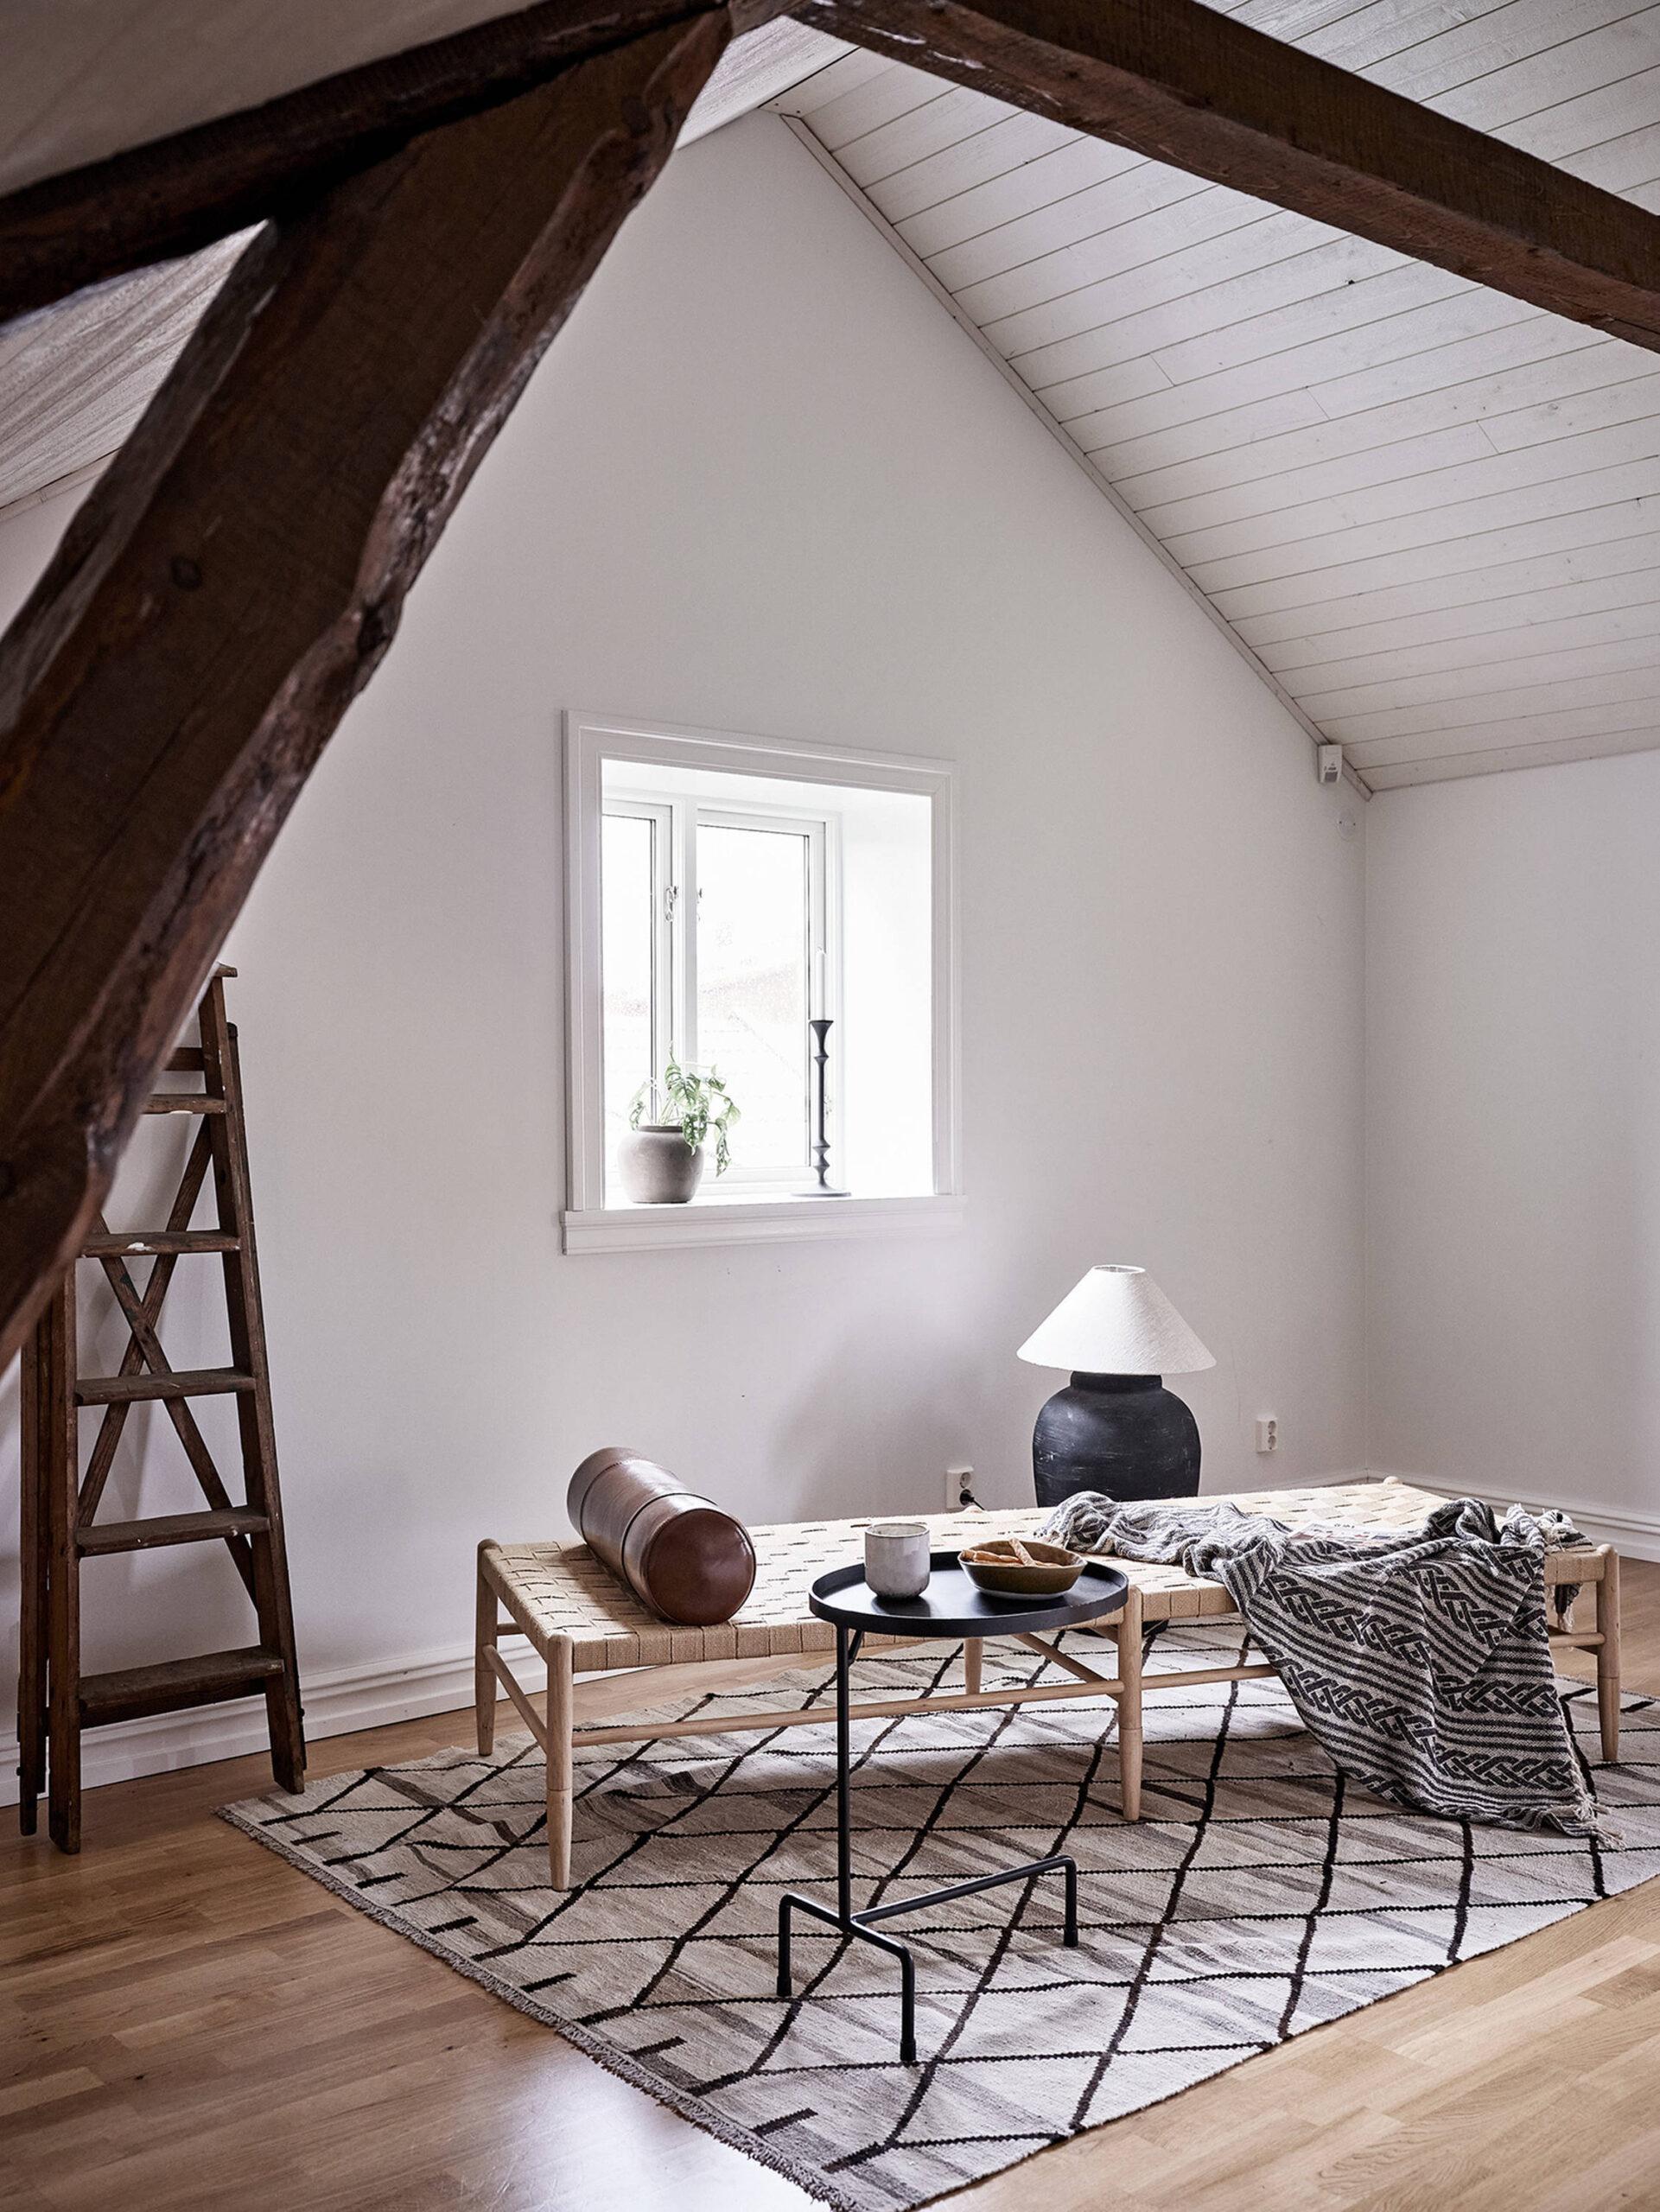 Tavan înclinat și decor rusti scandinav într o casă din Suedia 22